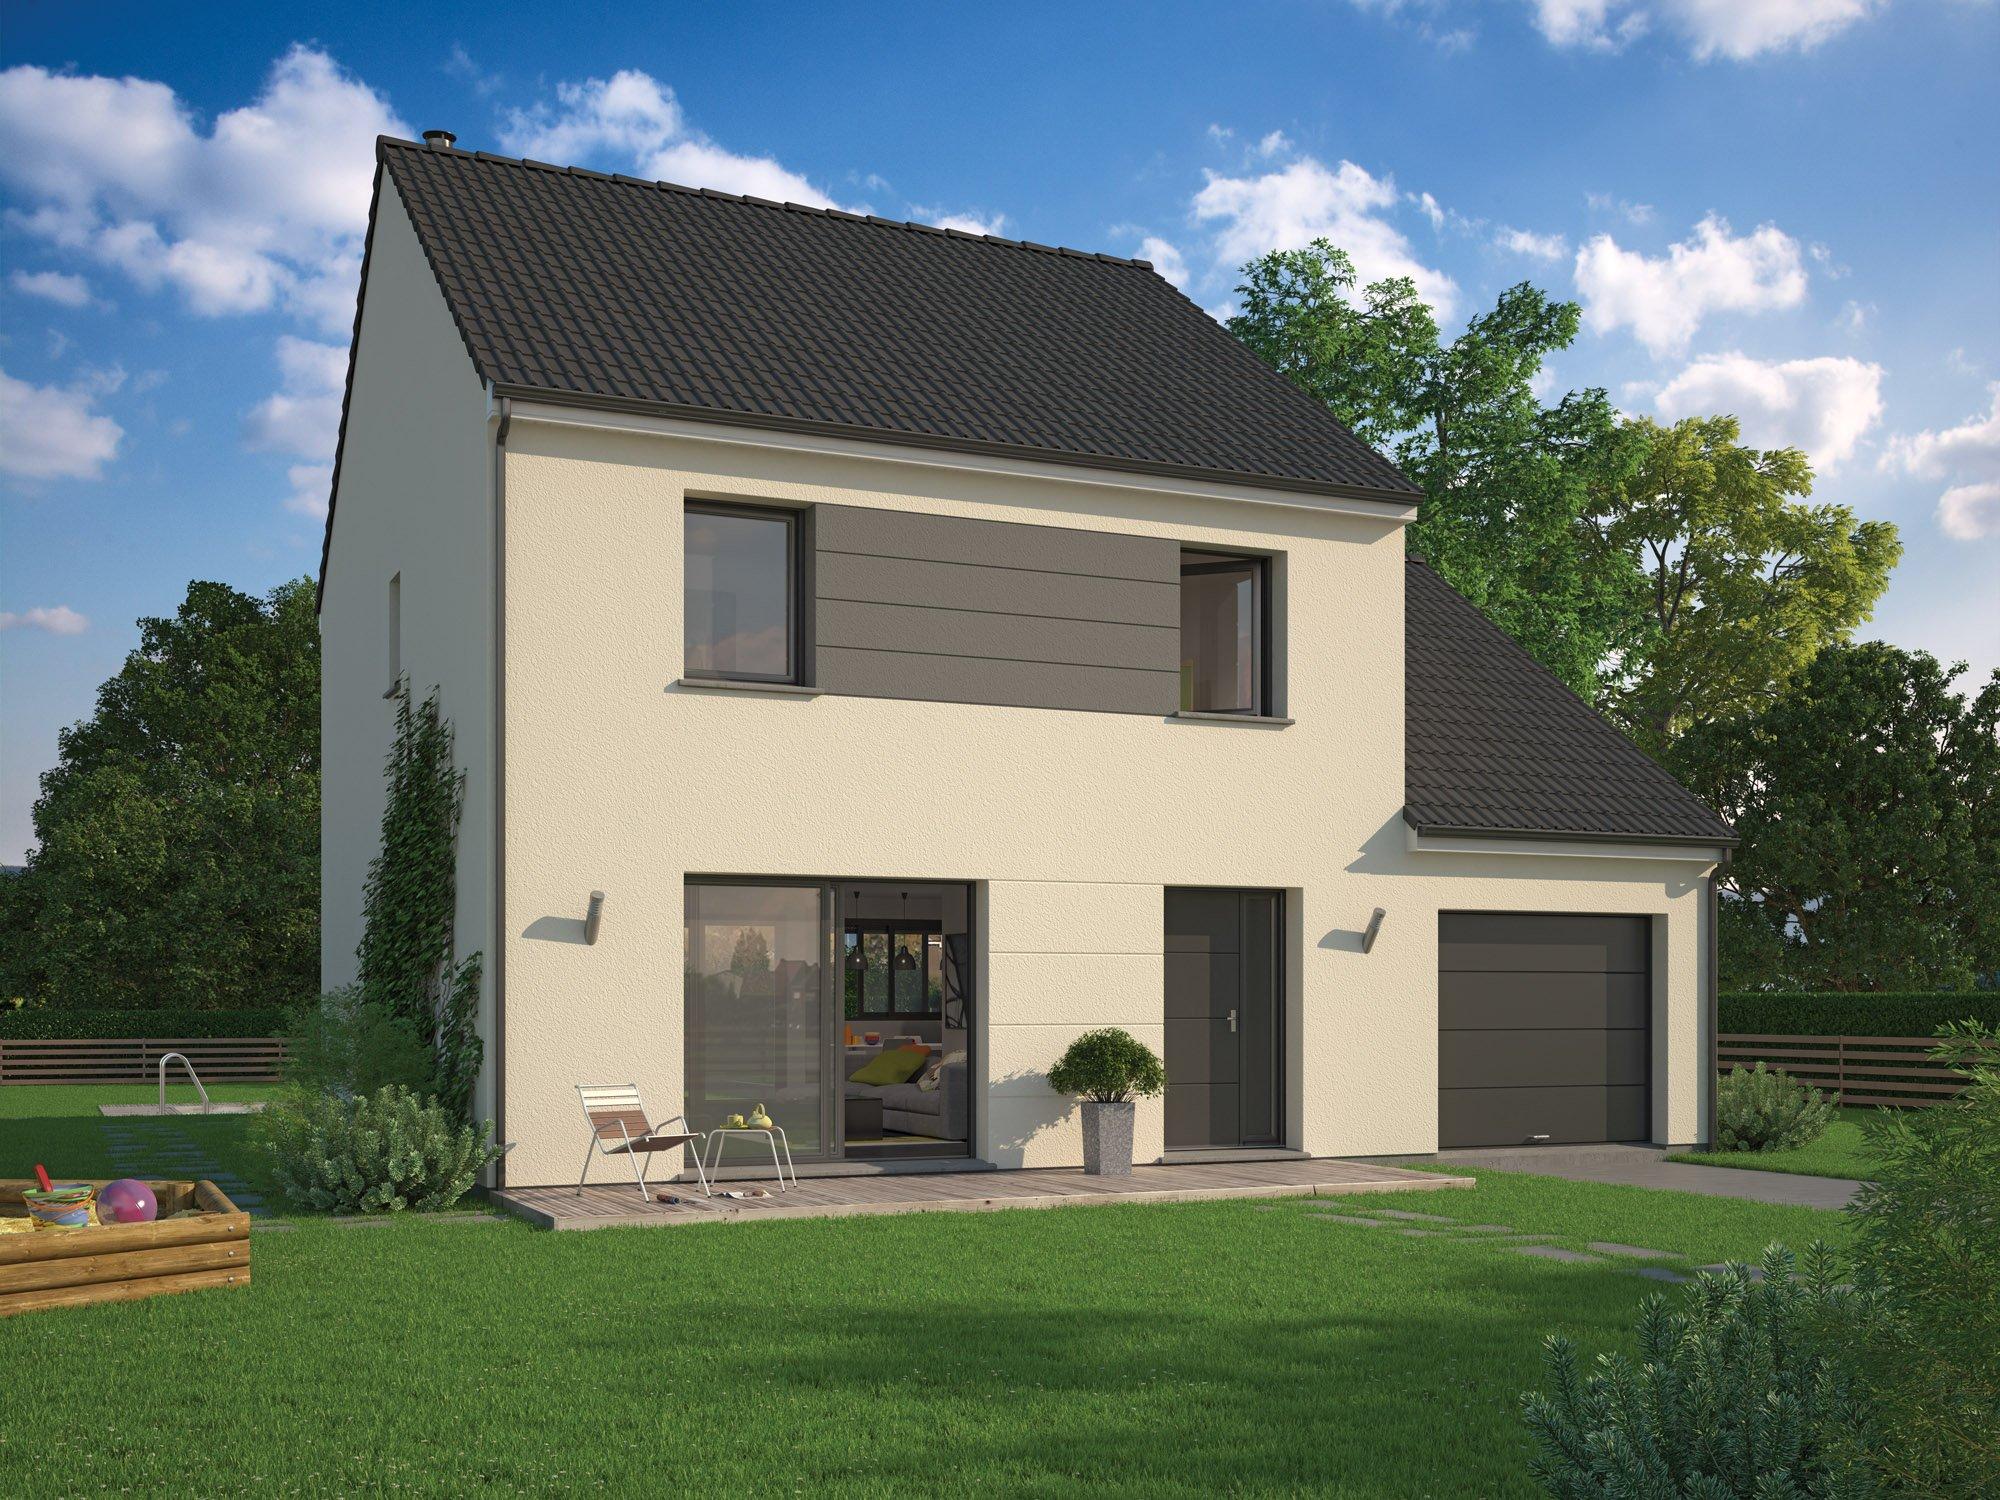 Maisons + Terrains du constructeur MAISON FAMILIALE • 128 m² • RONQUEROLLES